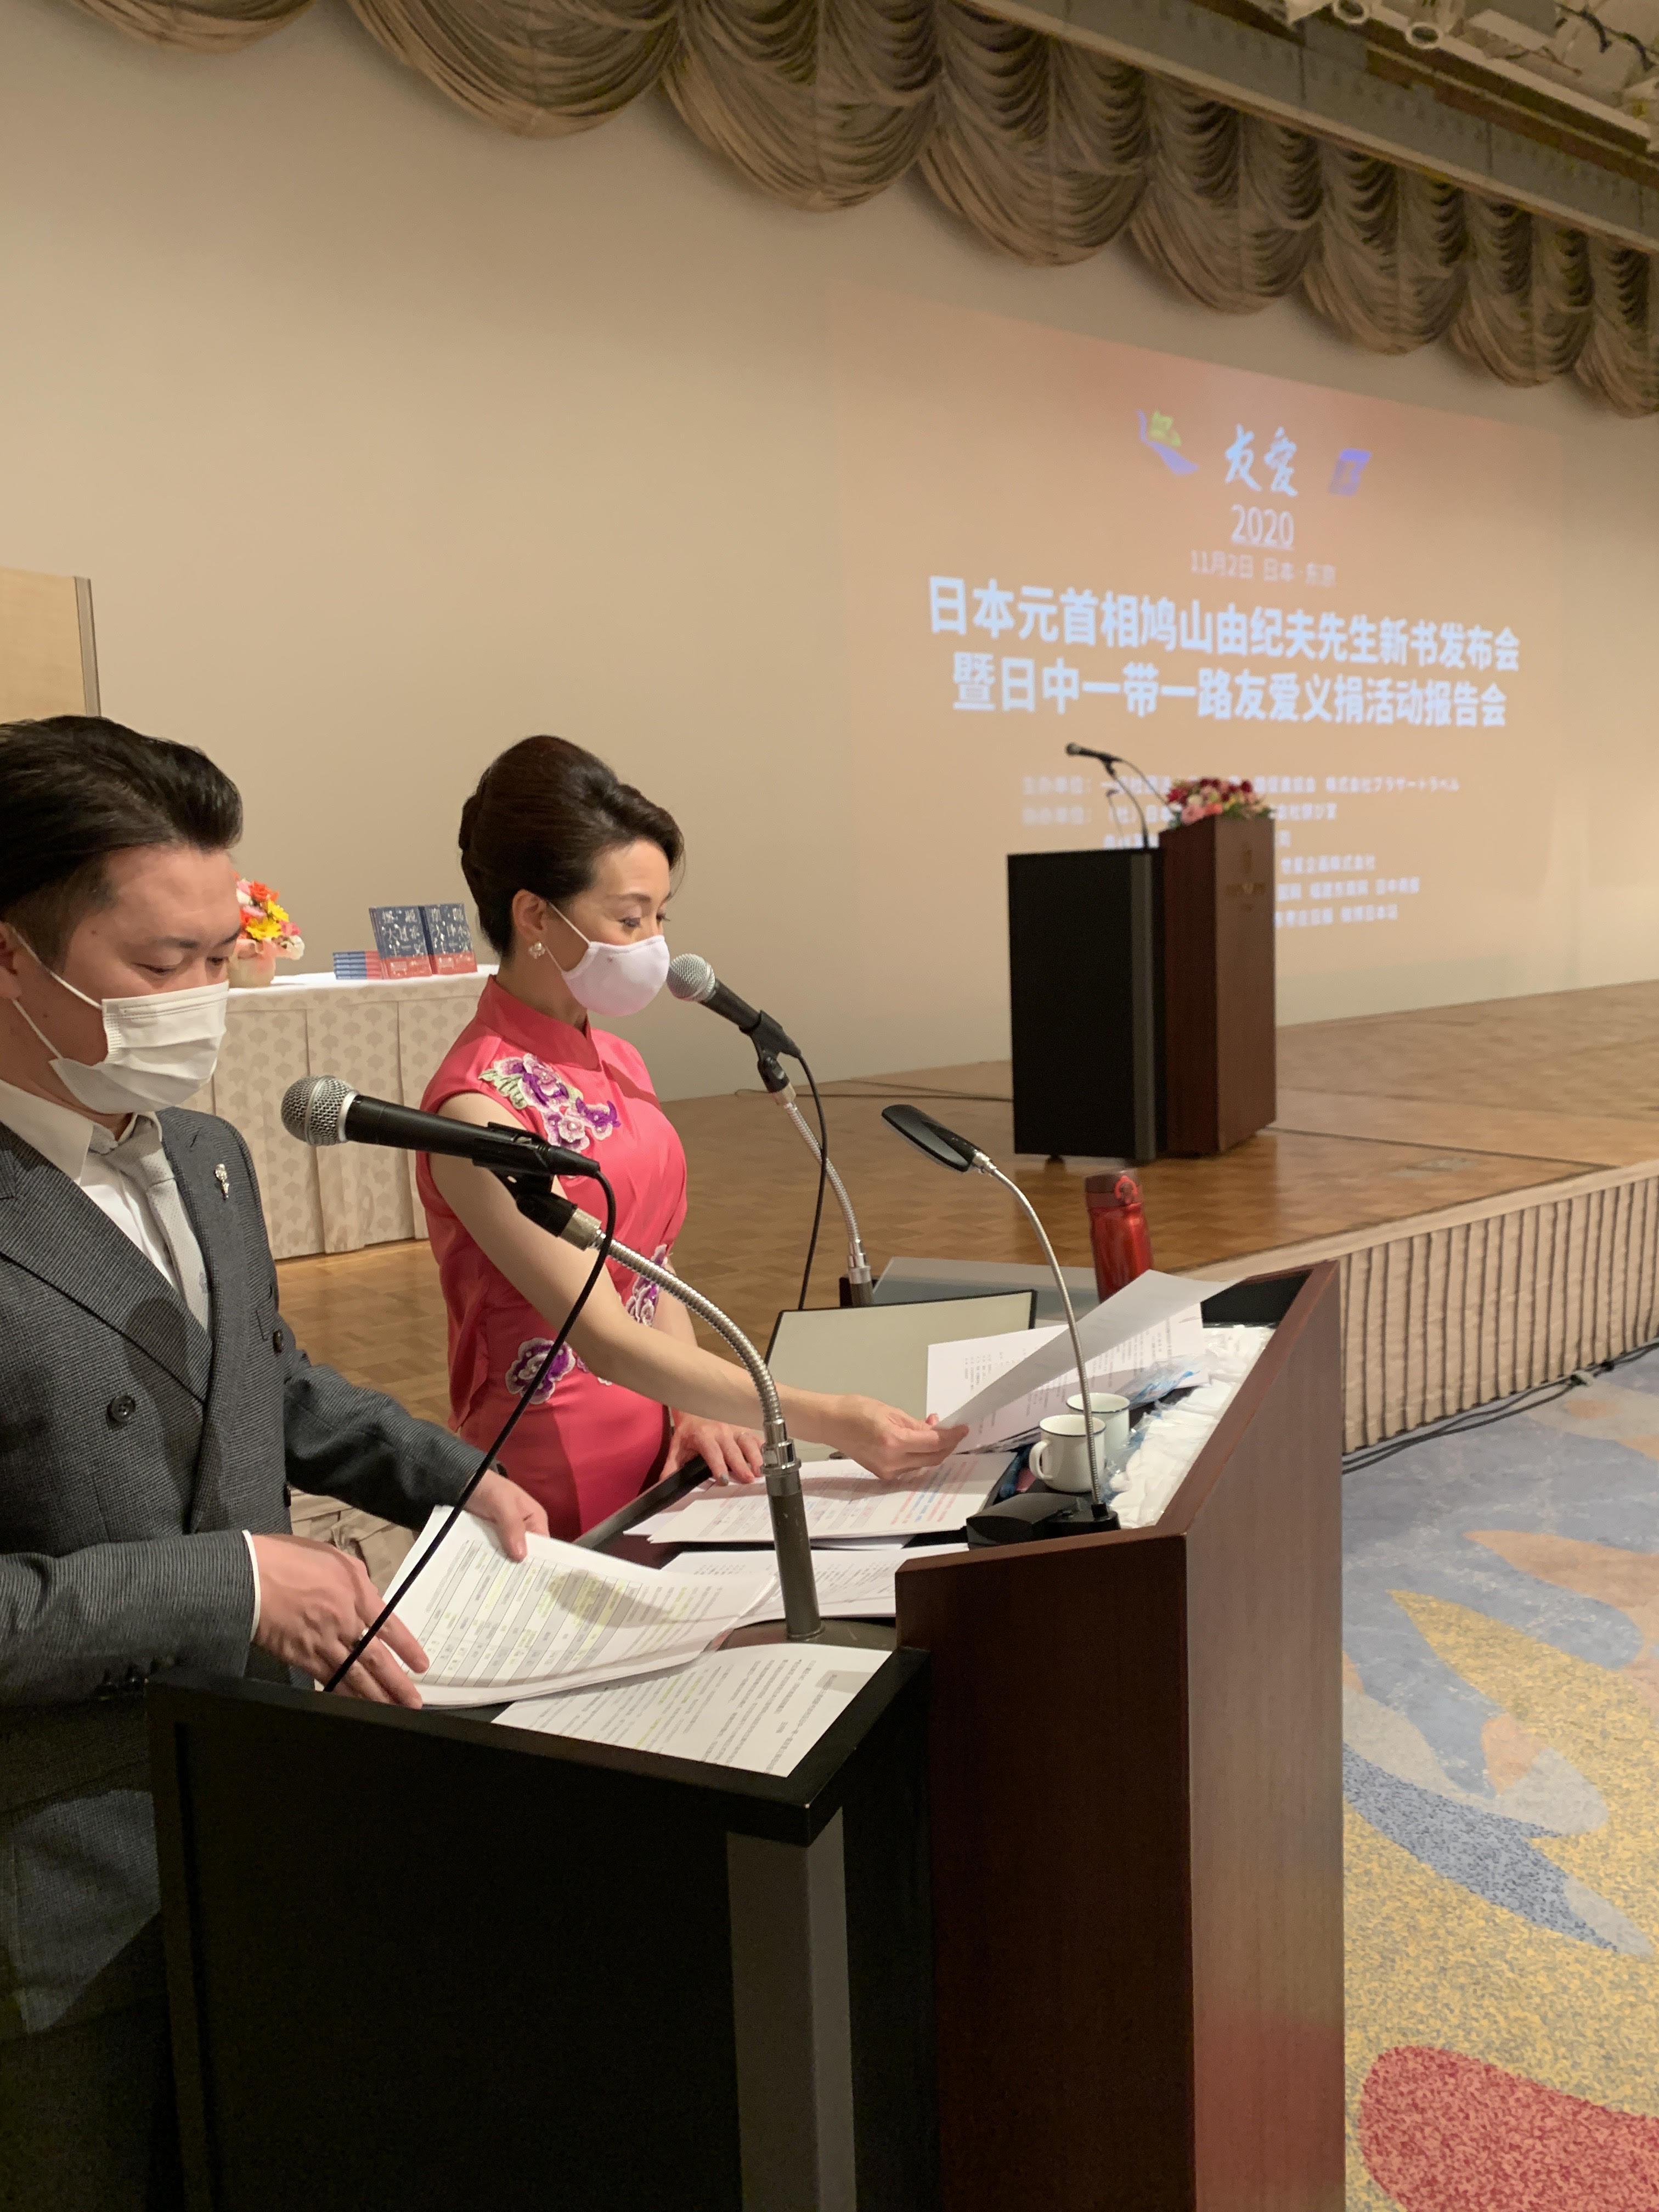 鳩山由紀夫新書発表会